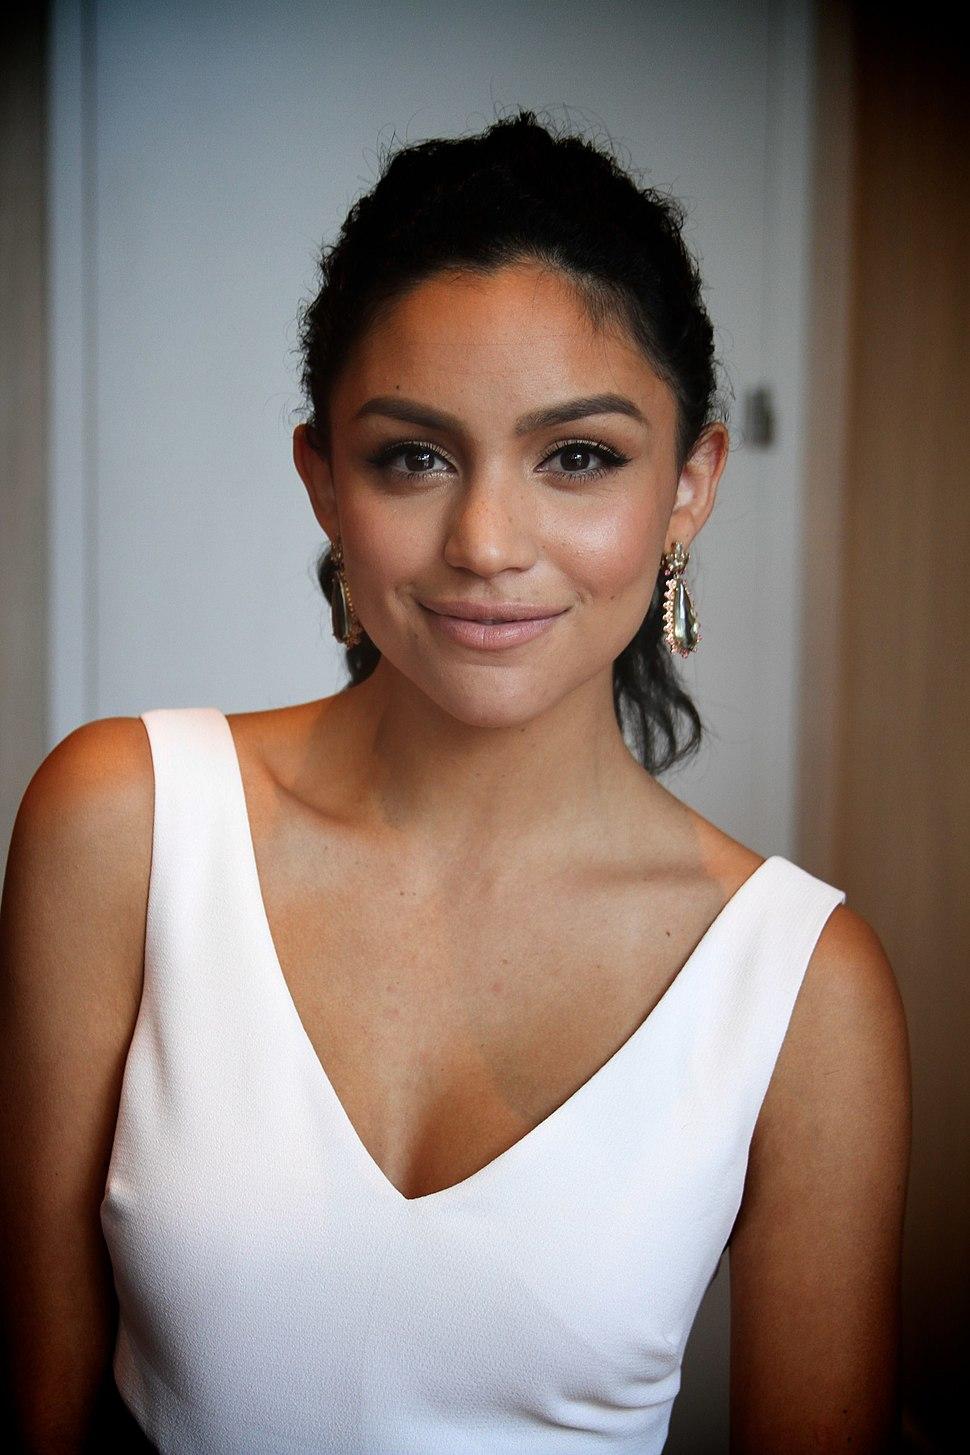 Bianca Santos at 2014 Imagen Awards